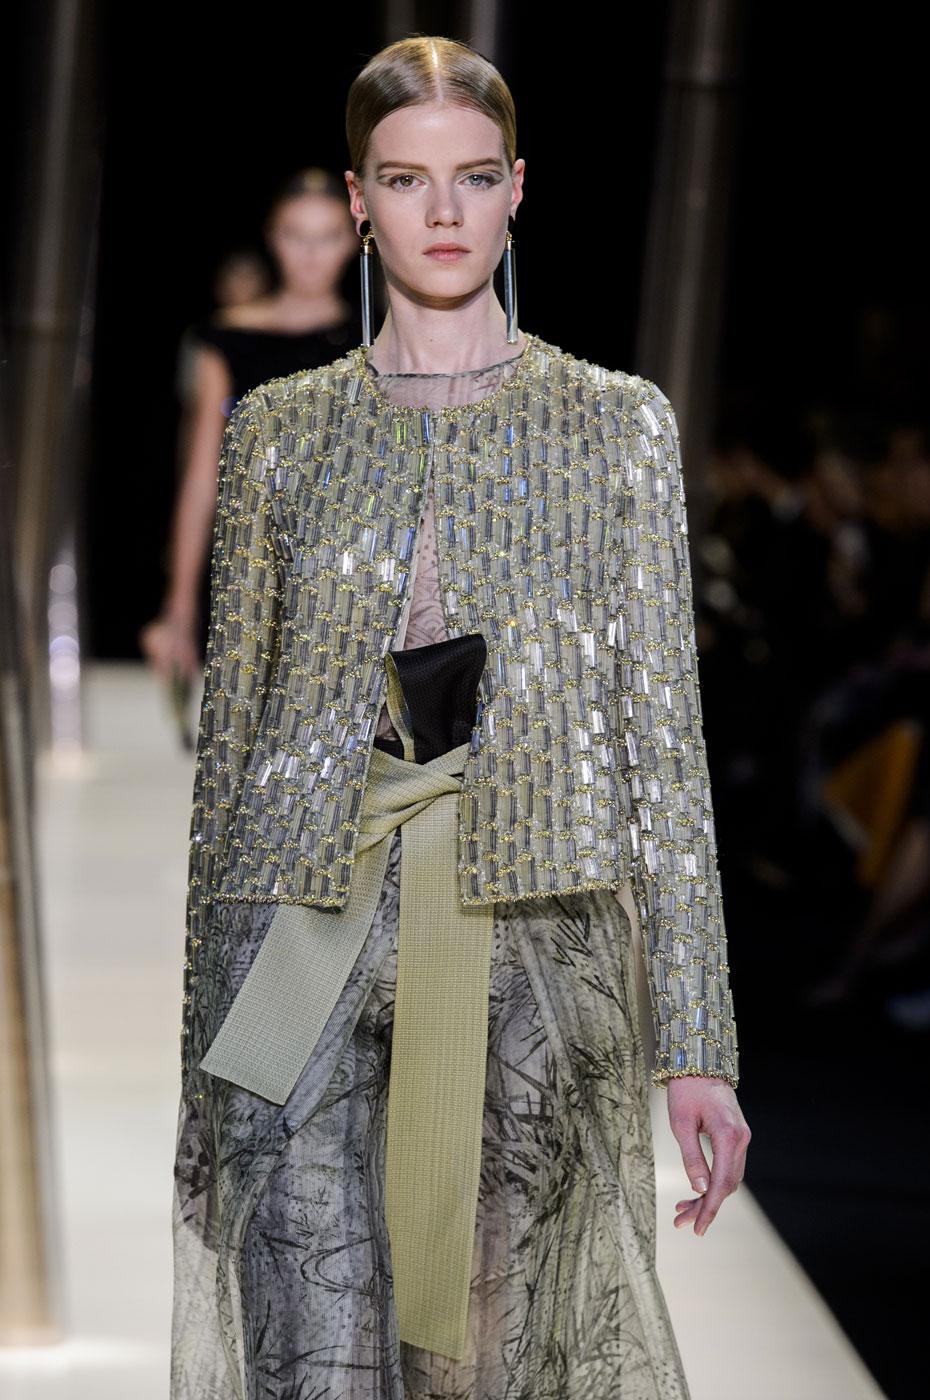 Giorgio-armani-Prive-fashion-runway-show-haute-couture-paris-spring-2015-the-impression-078